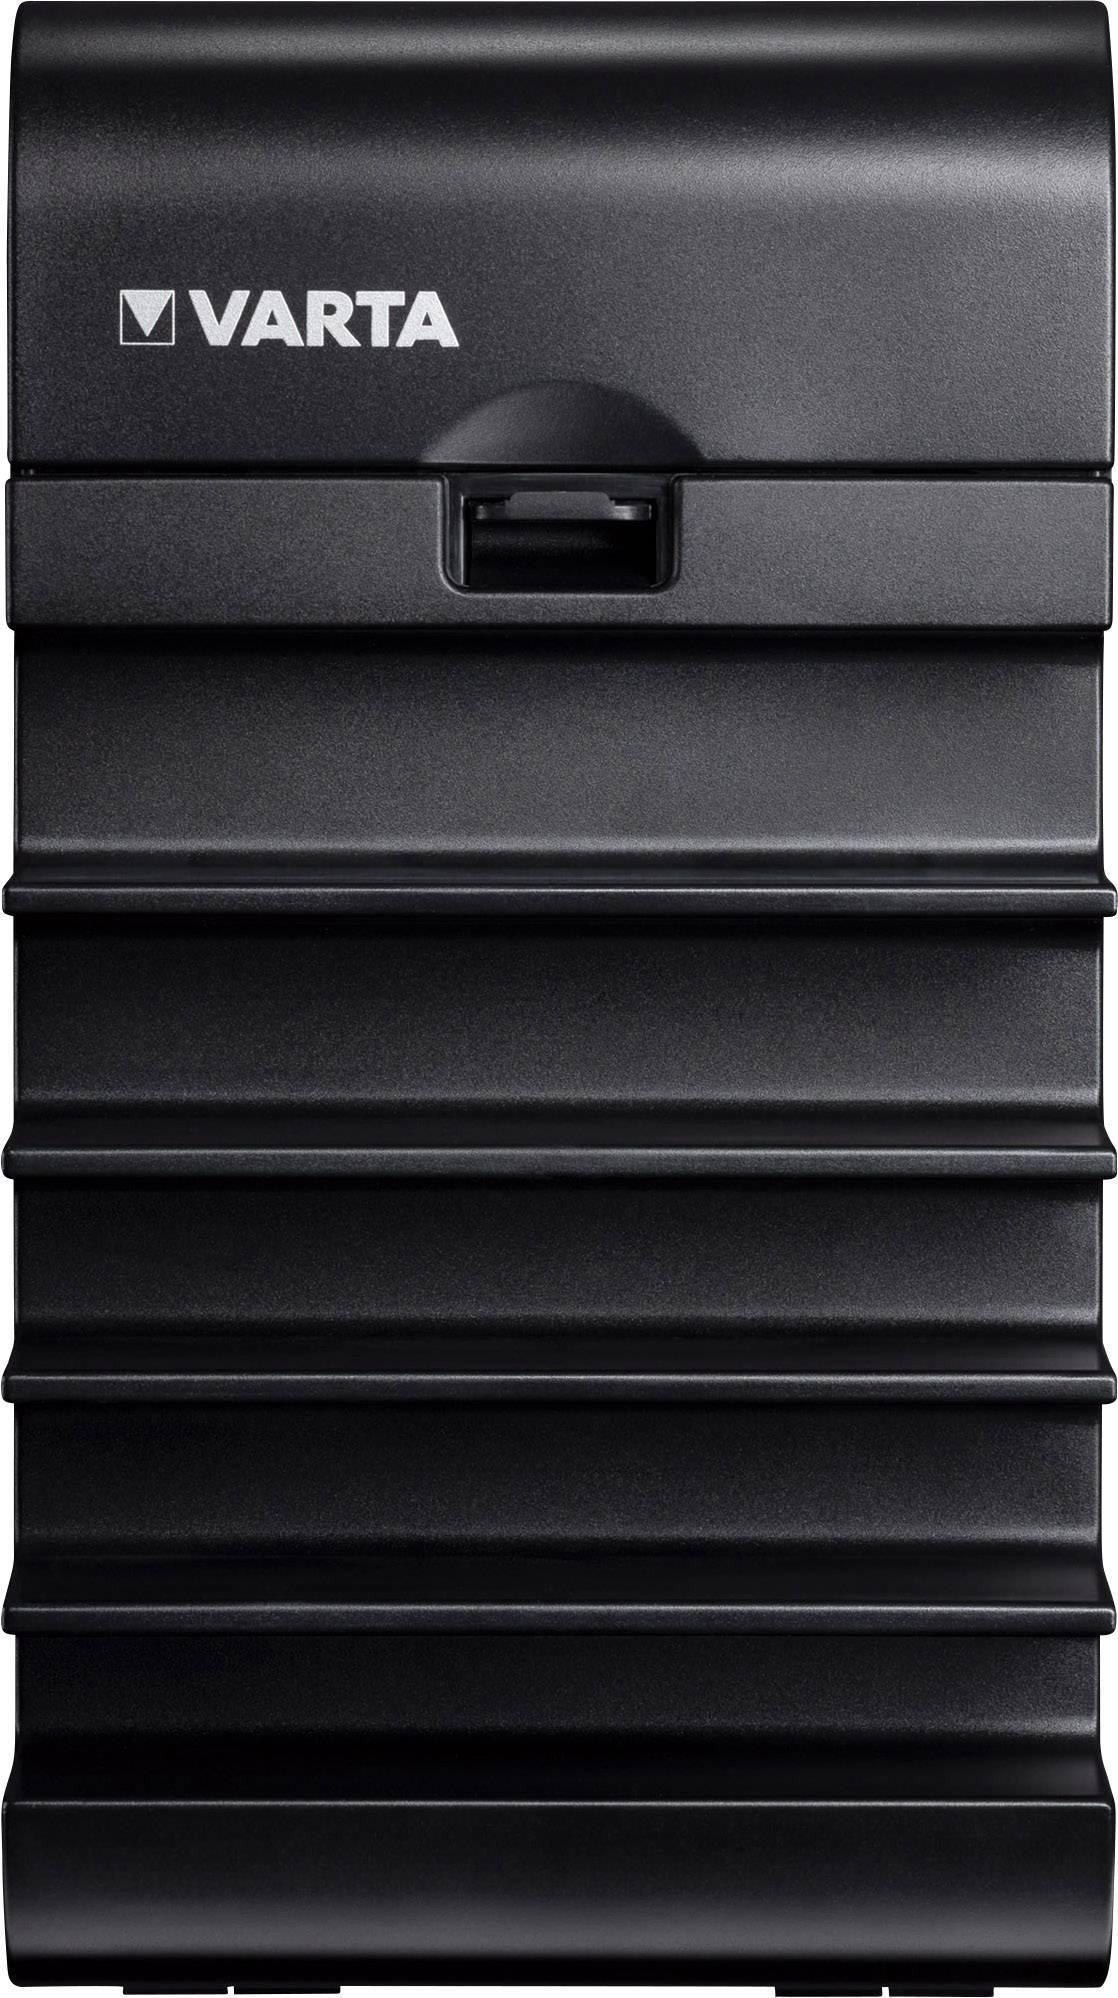 USB nabíjecí stanice Varta 57901101111, 9800 mA, černá